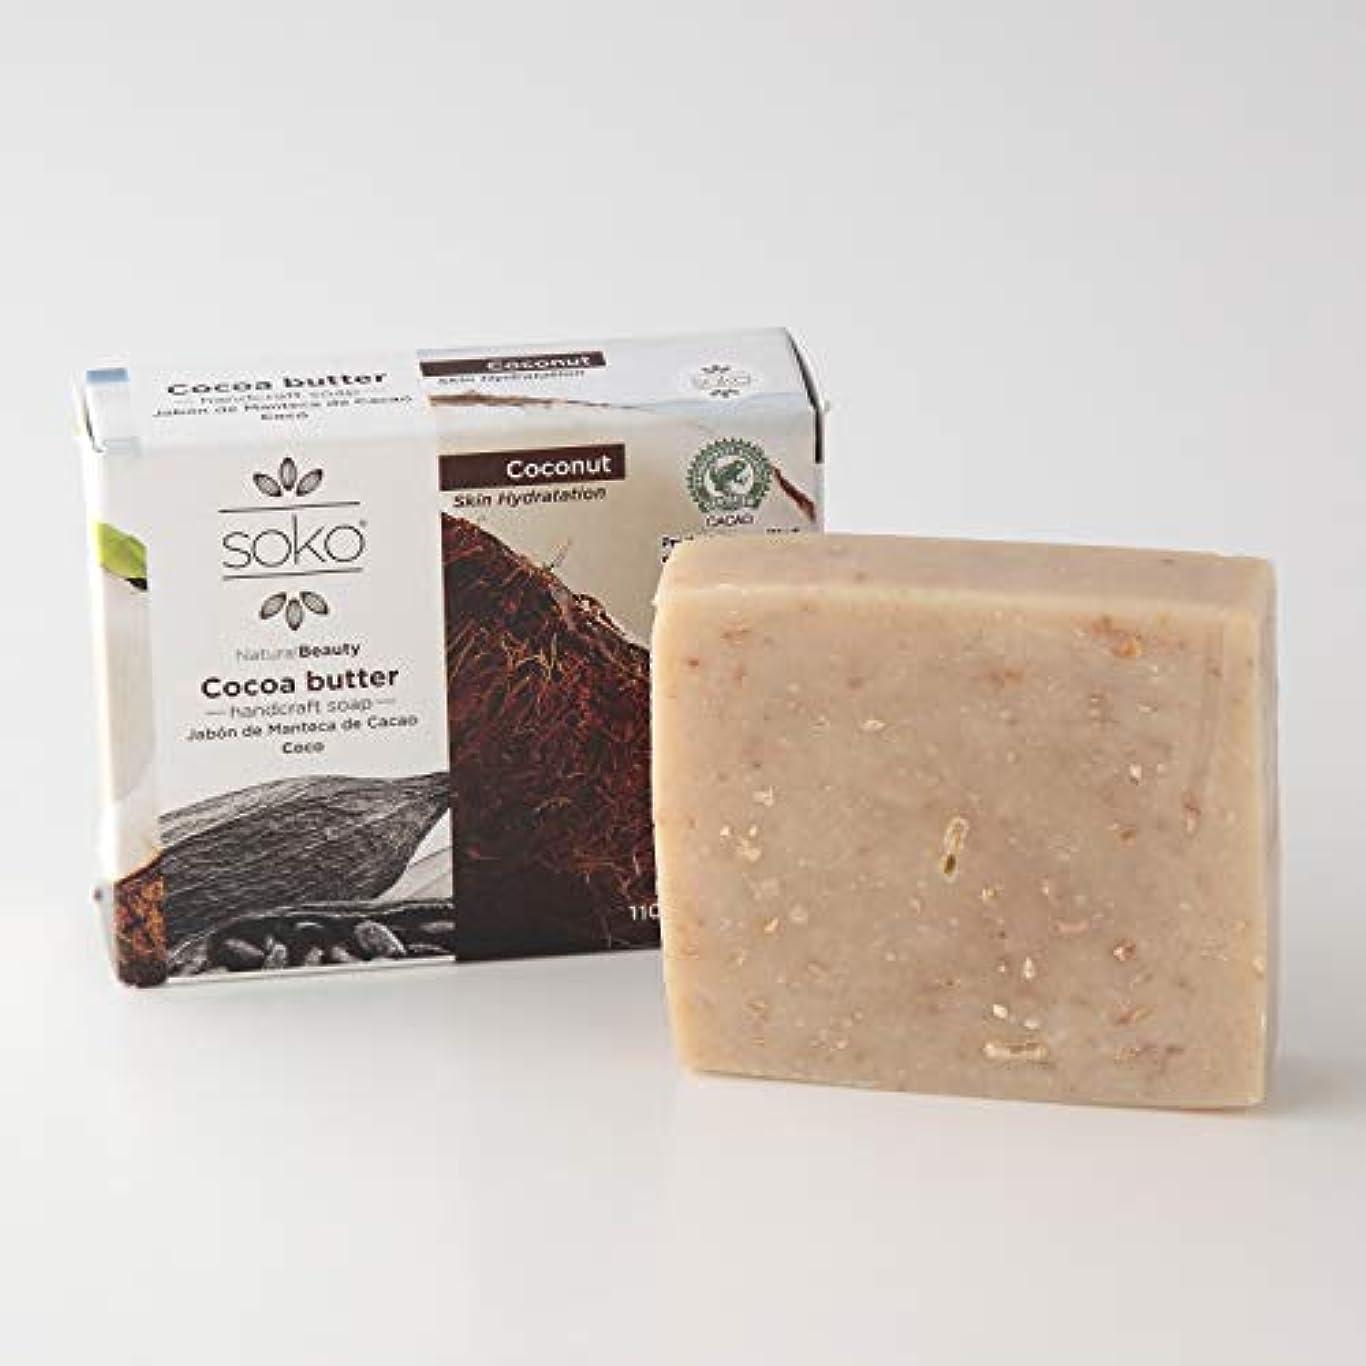 胚芽羊むき出しカカオバター ナチュラル石けん 110g ココナッツ お肌が脂っぽい方